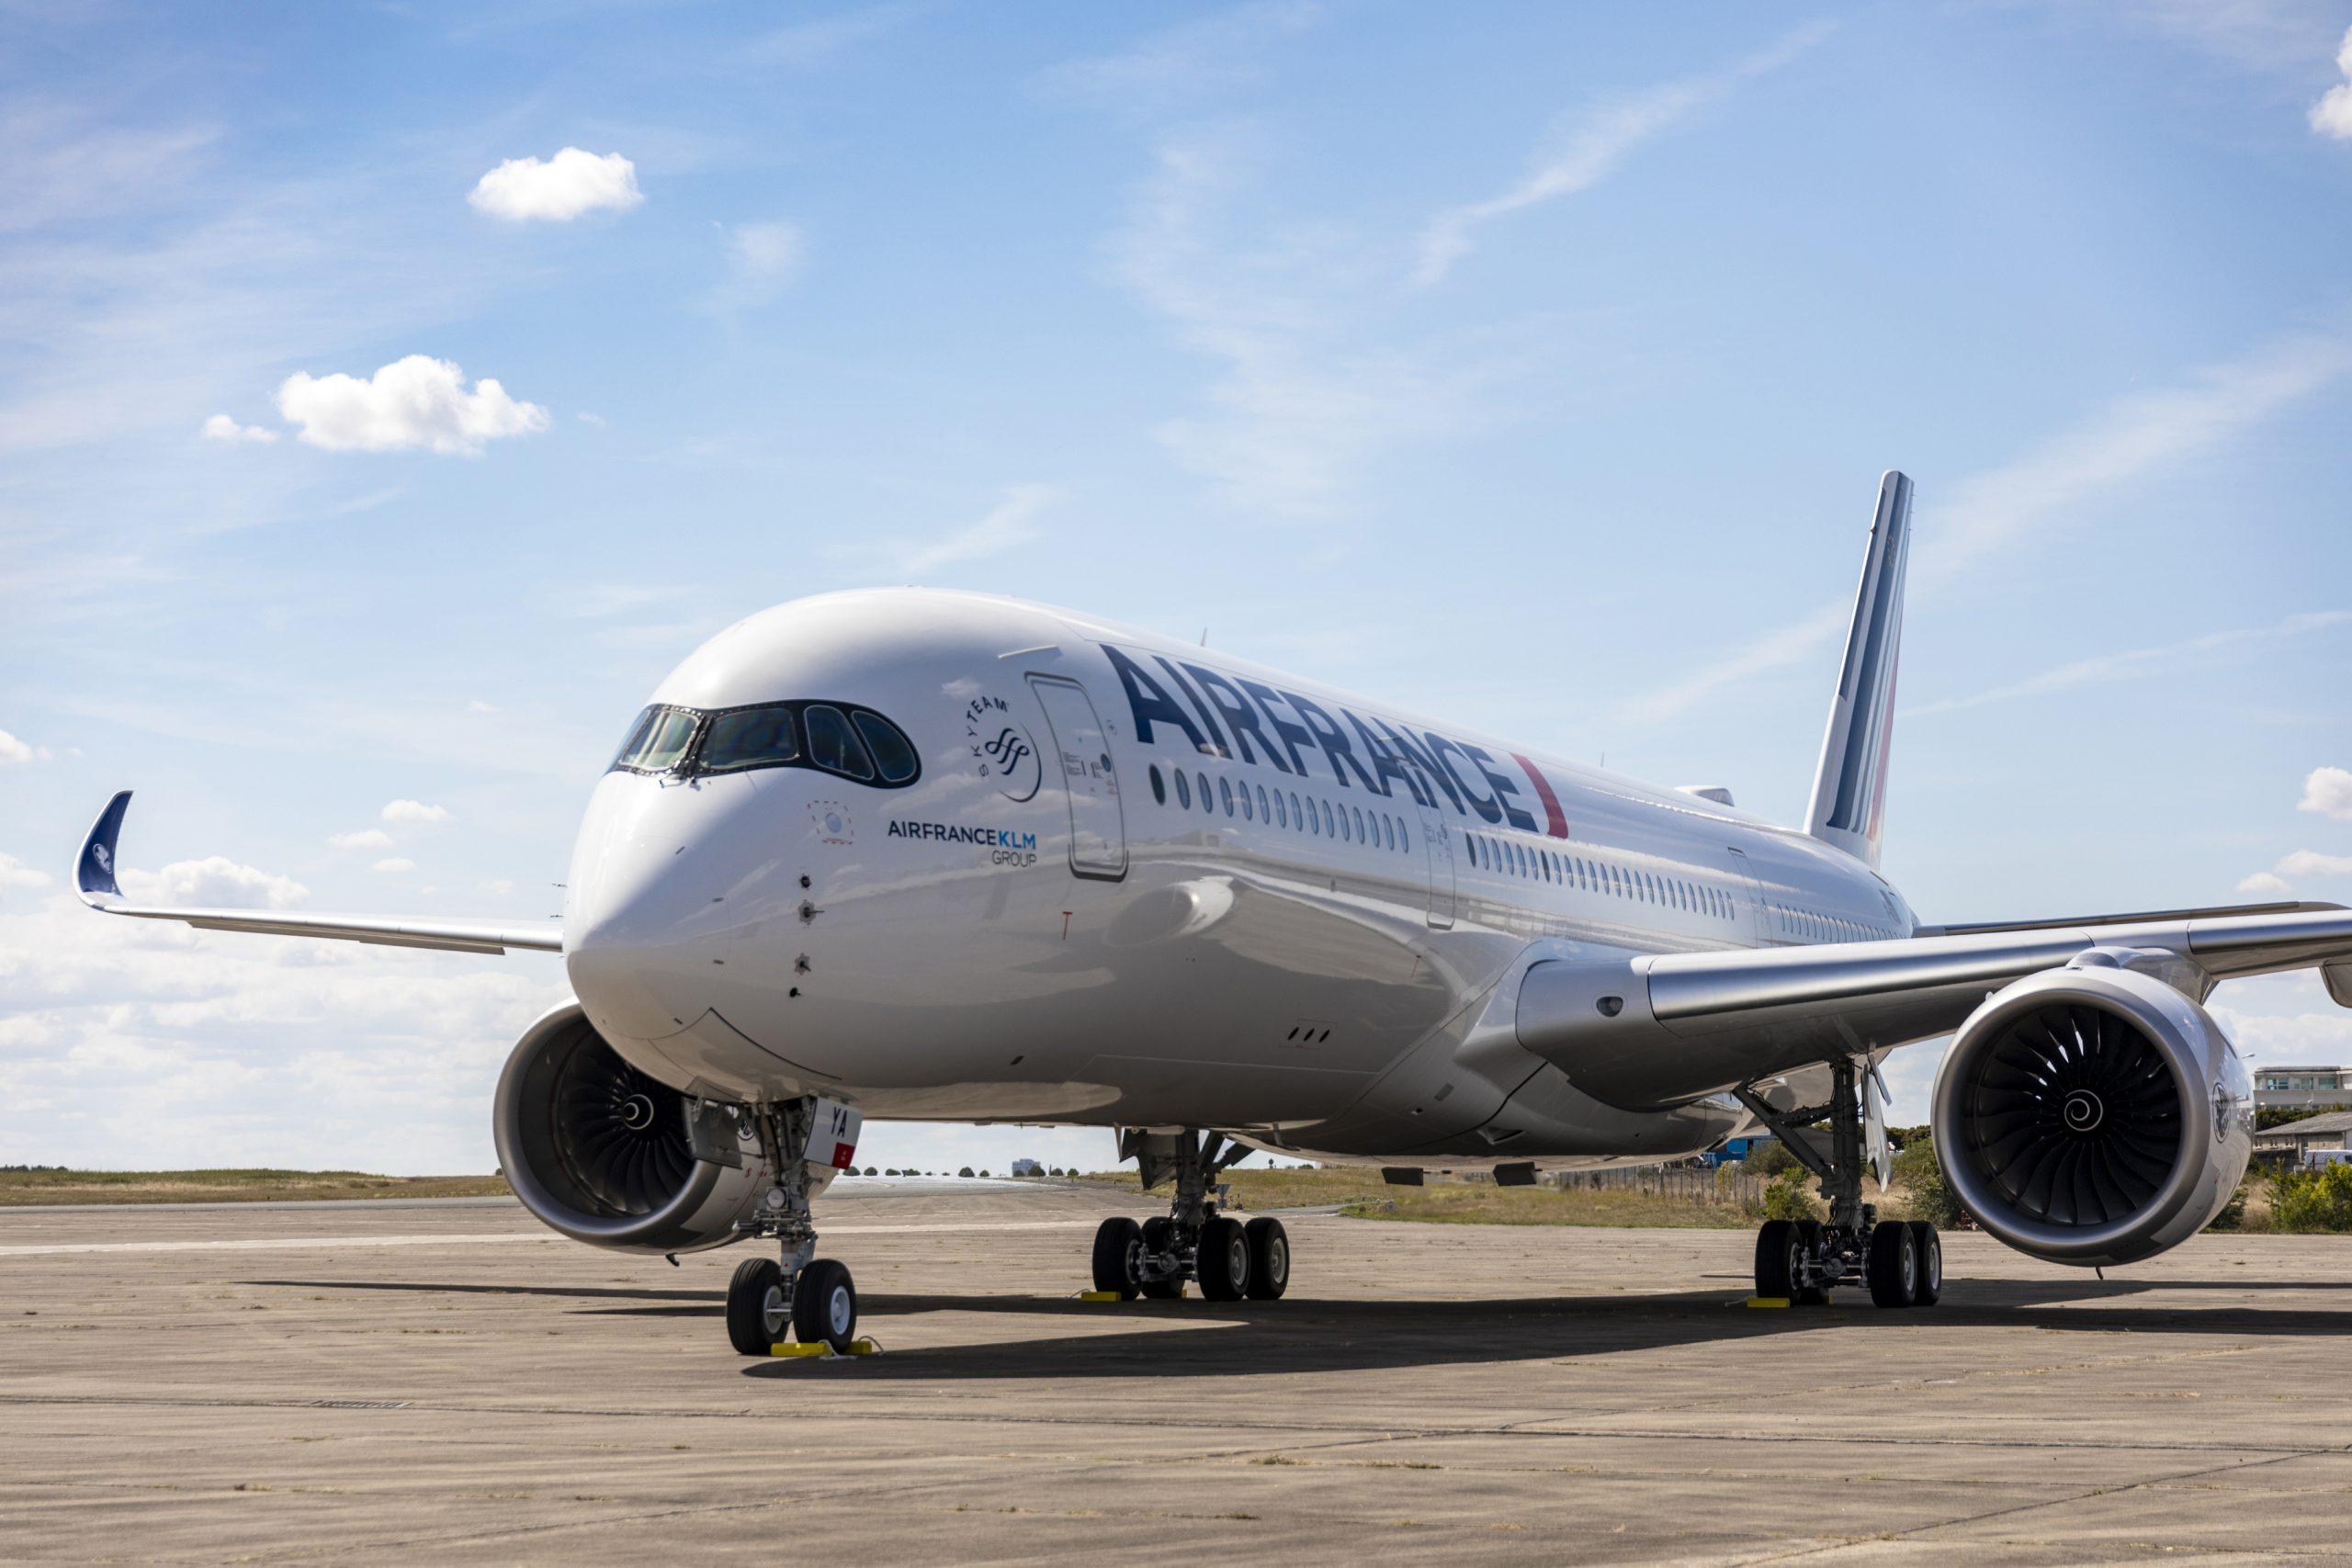 Air France har netop fået nøglerne til selskabets fjerde af 38 bestilte Airbus A350-900 – flyet var samtidig A350 nummer 350. Pressefoto: Airbus.